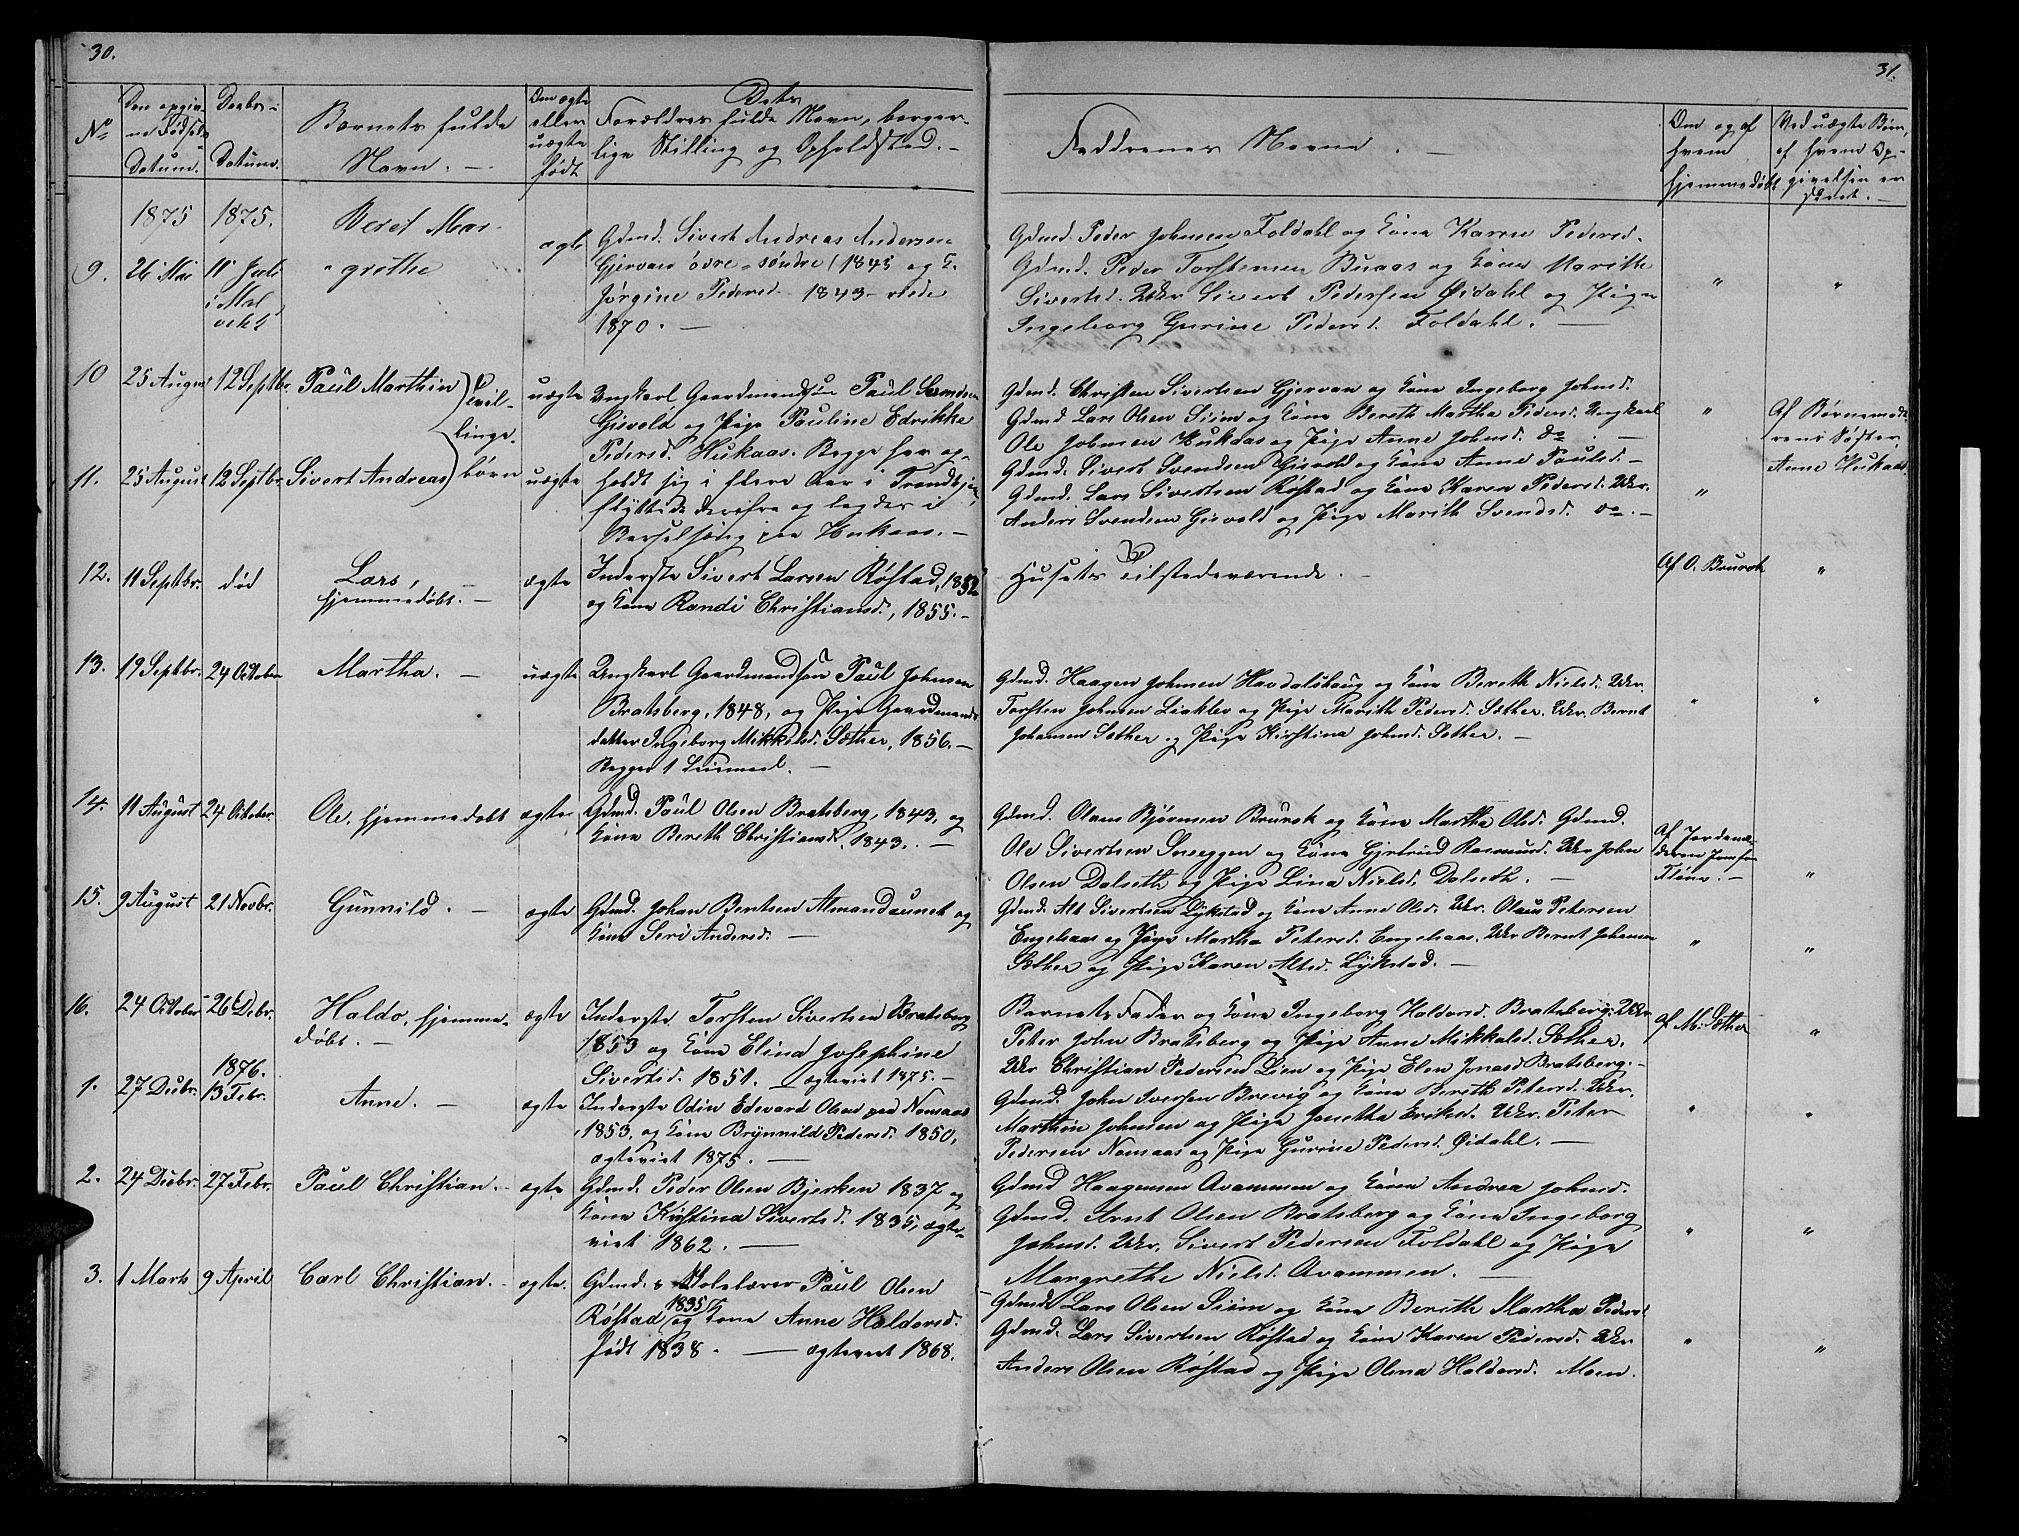 SAT, Ministerialprotokoller, klokkerbøker og fødselsregistre - Sør-Trøndelag, 608/L0340: Klokkerbok nr. 608C06, 1864-1889, s. 30-31